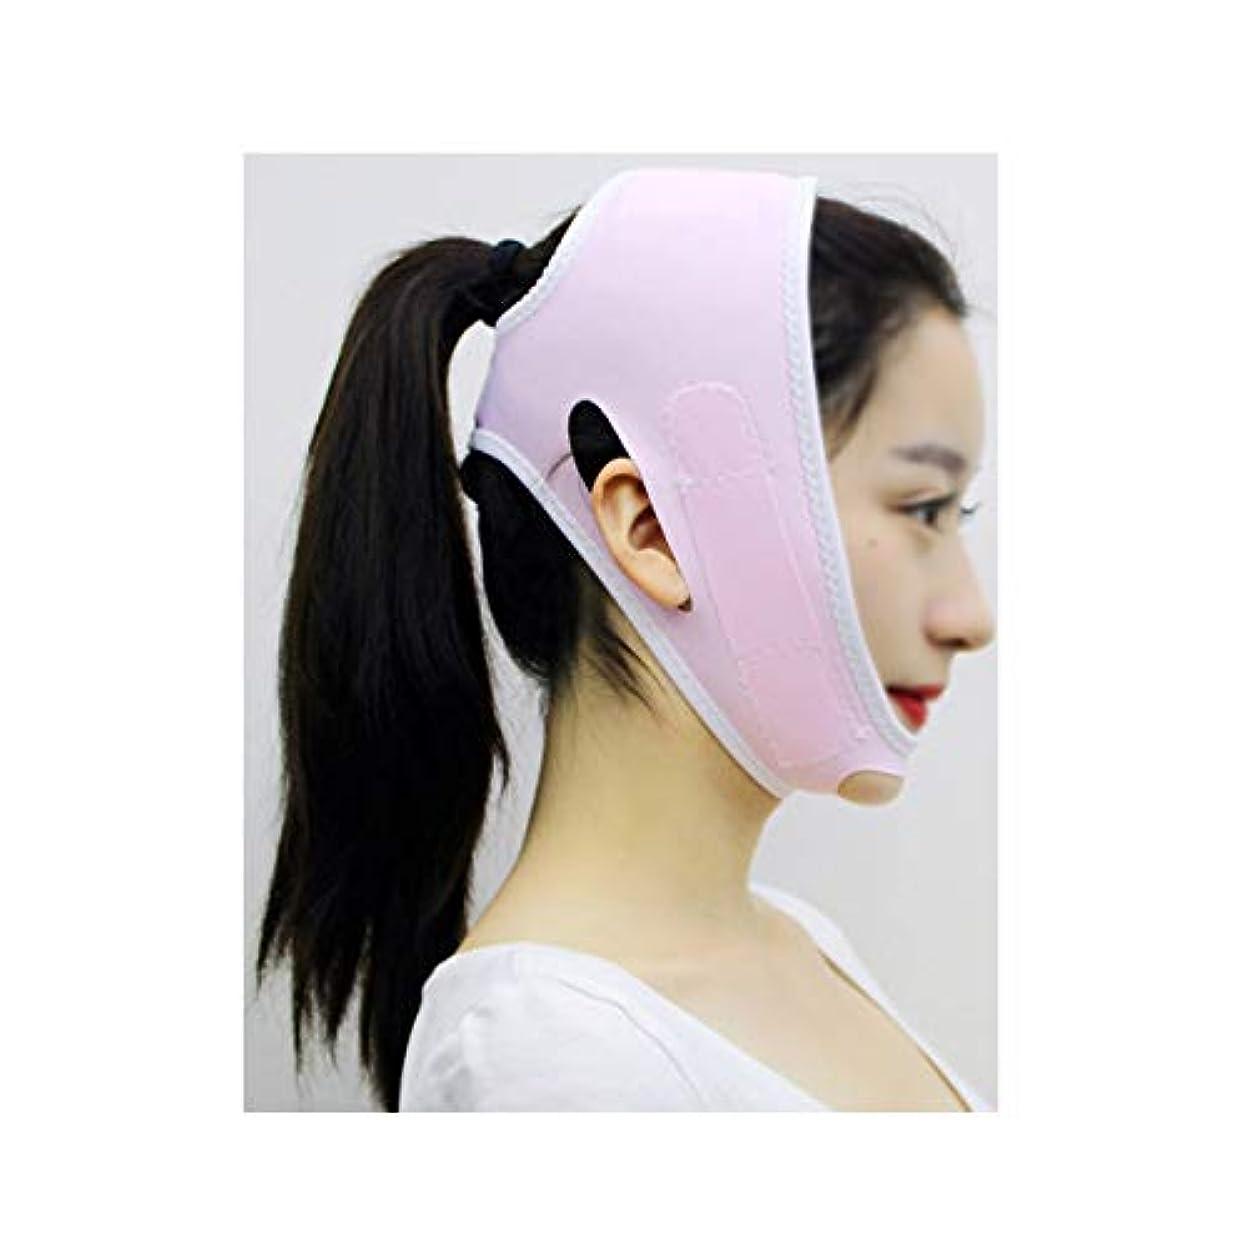 視力利益保持するTLMY フェイシャルリフティングマスクあごストラップ修復包帯ヘッドバンドマスクフェイスリフティングスモールVフェイスアーティファクト型美容弾性フェイシャル&ネックリフティング 顔用整形マスク (Color : Pink)